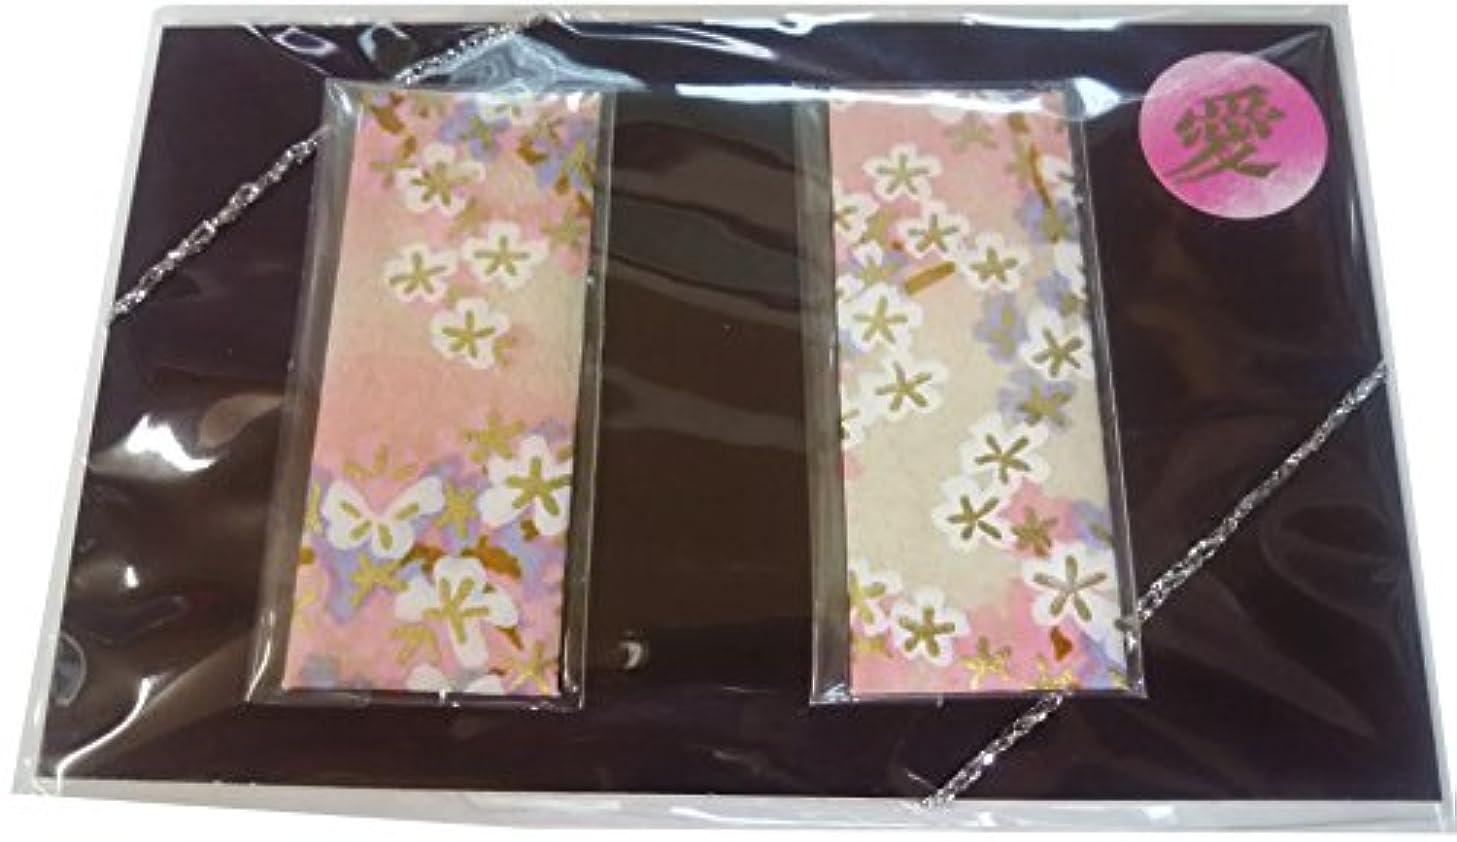 近傍タイプ当社淡路梅薫堂の名刺香 愛 ~静かで深い和の香り(和桜)~